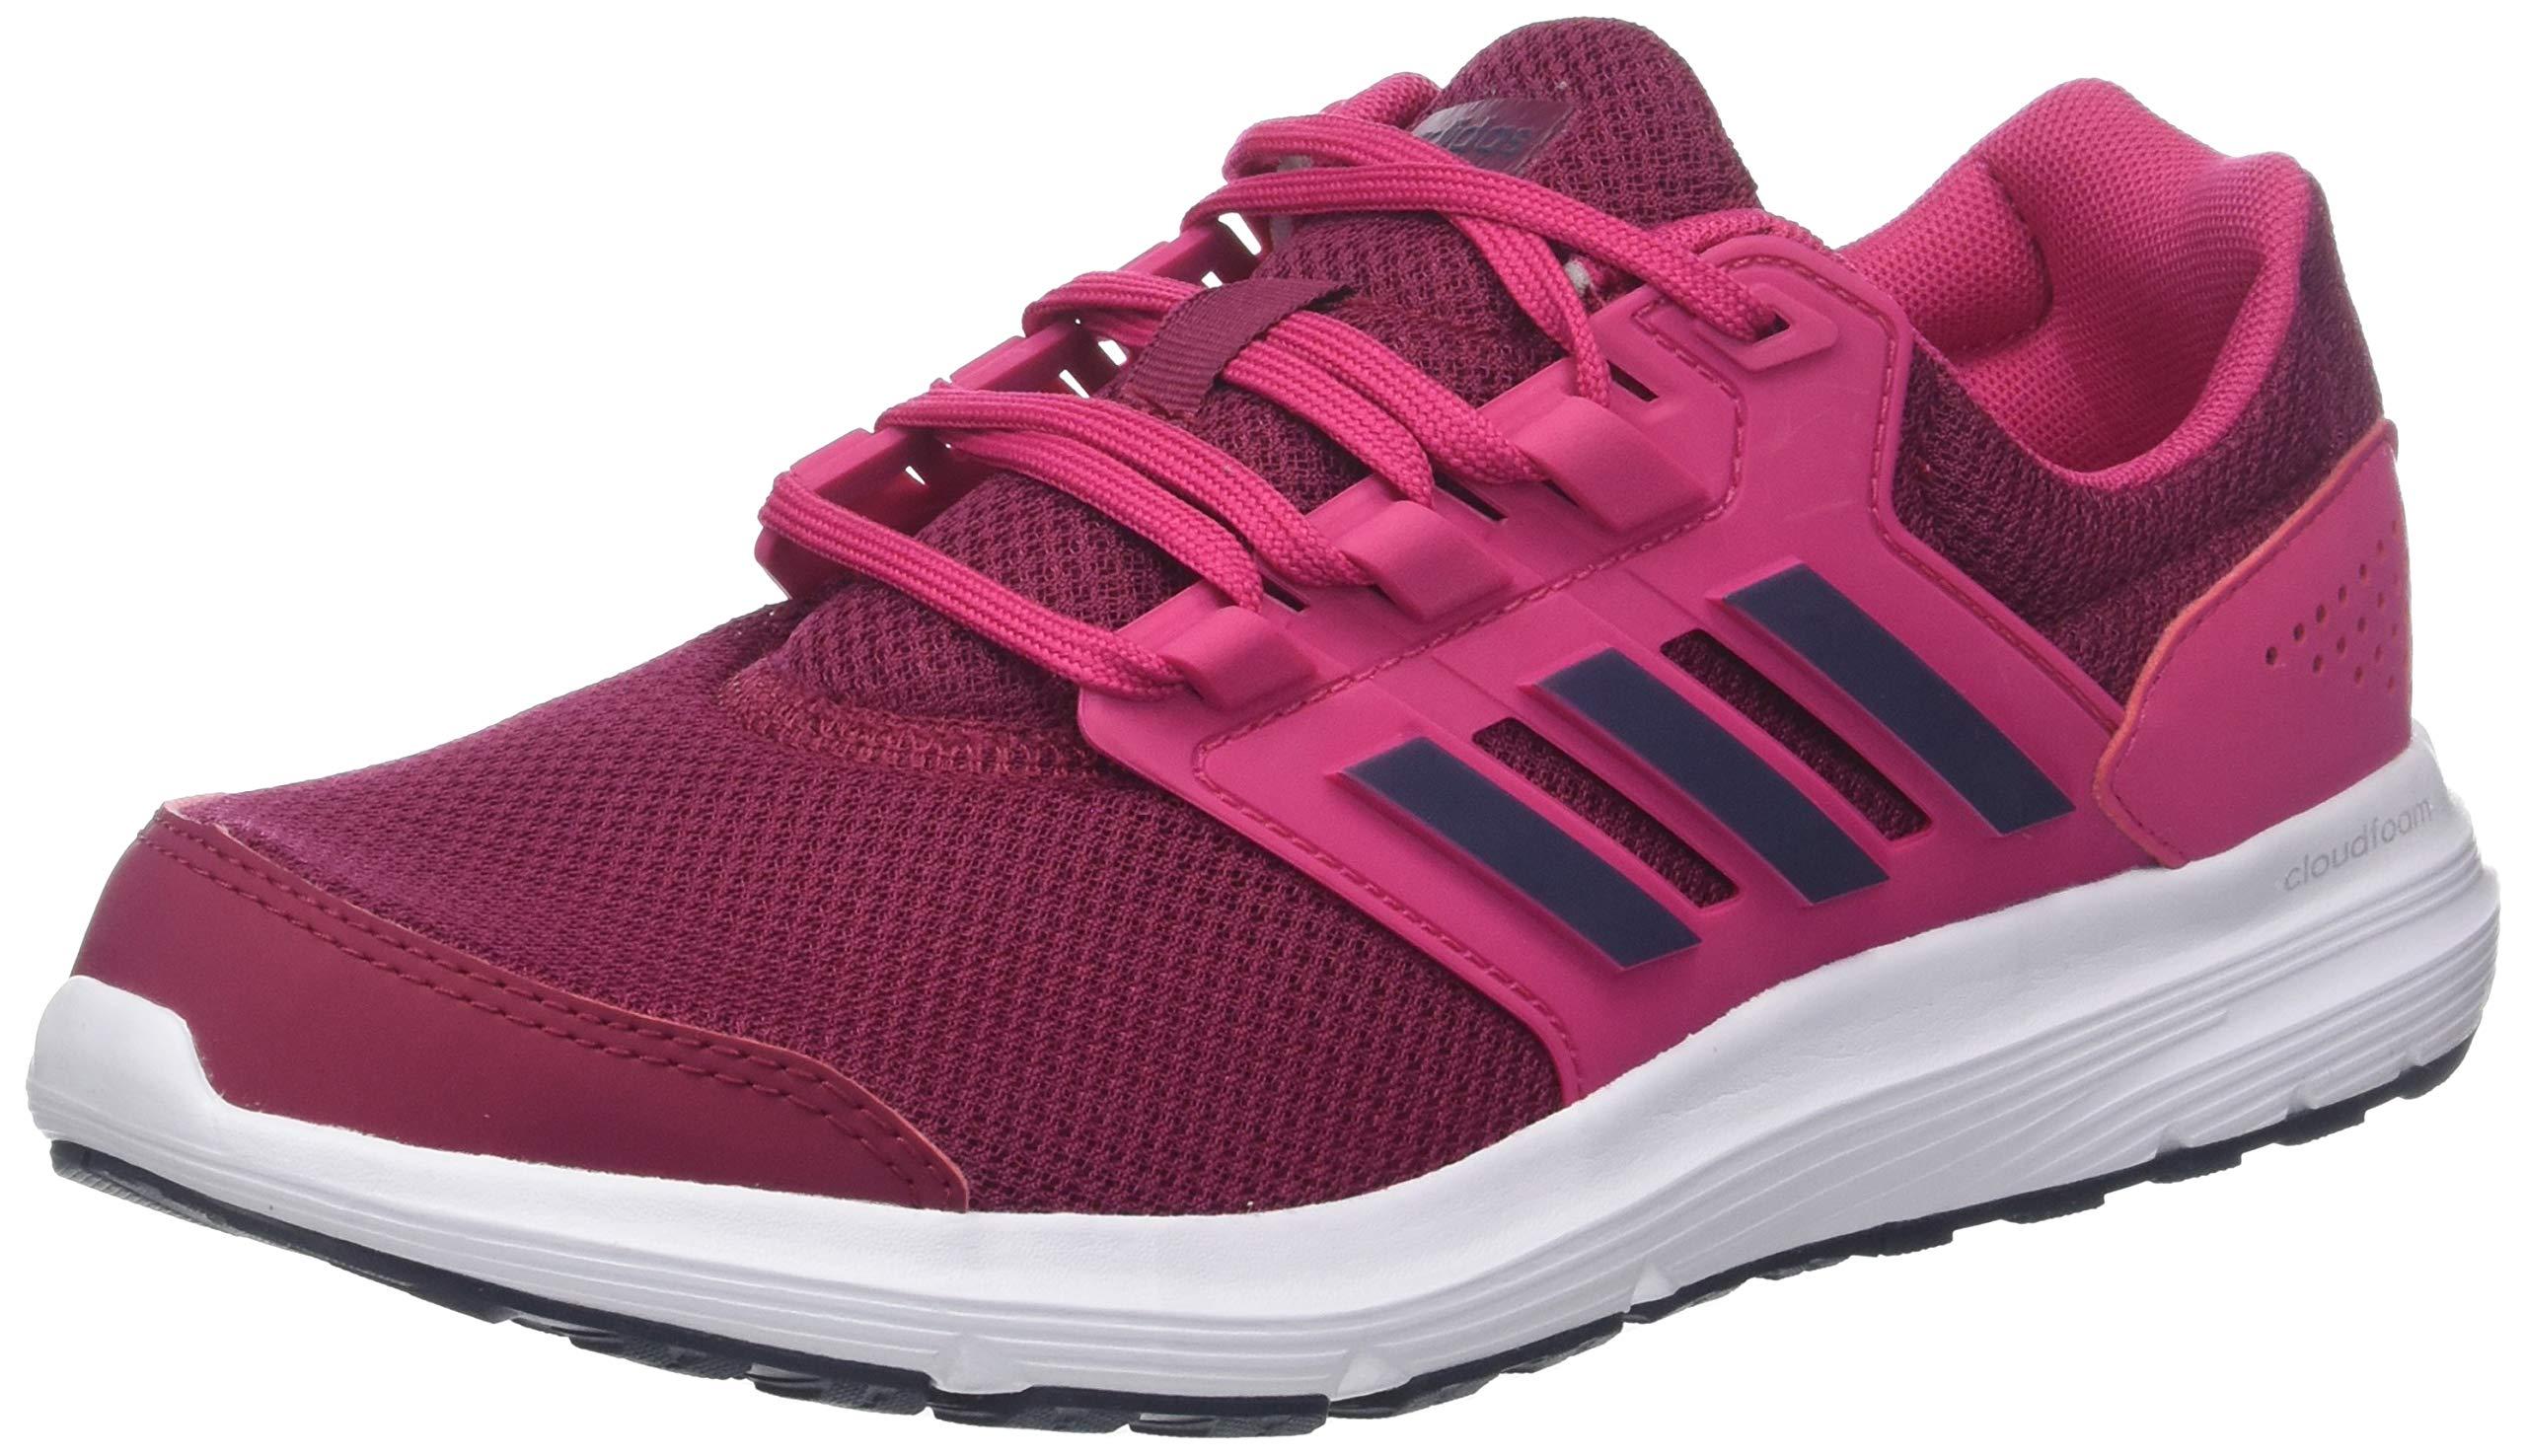 Adidas Galaxy 4, Scarpe da Corsa Donna 1 spesavip